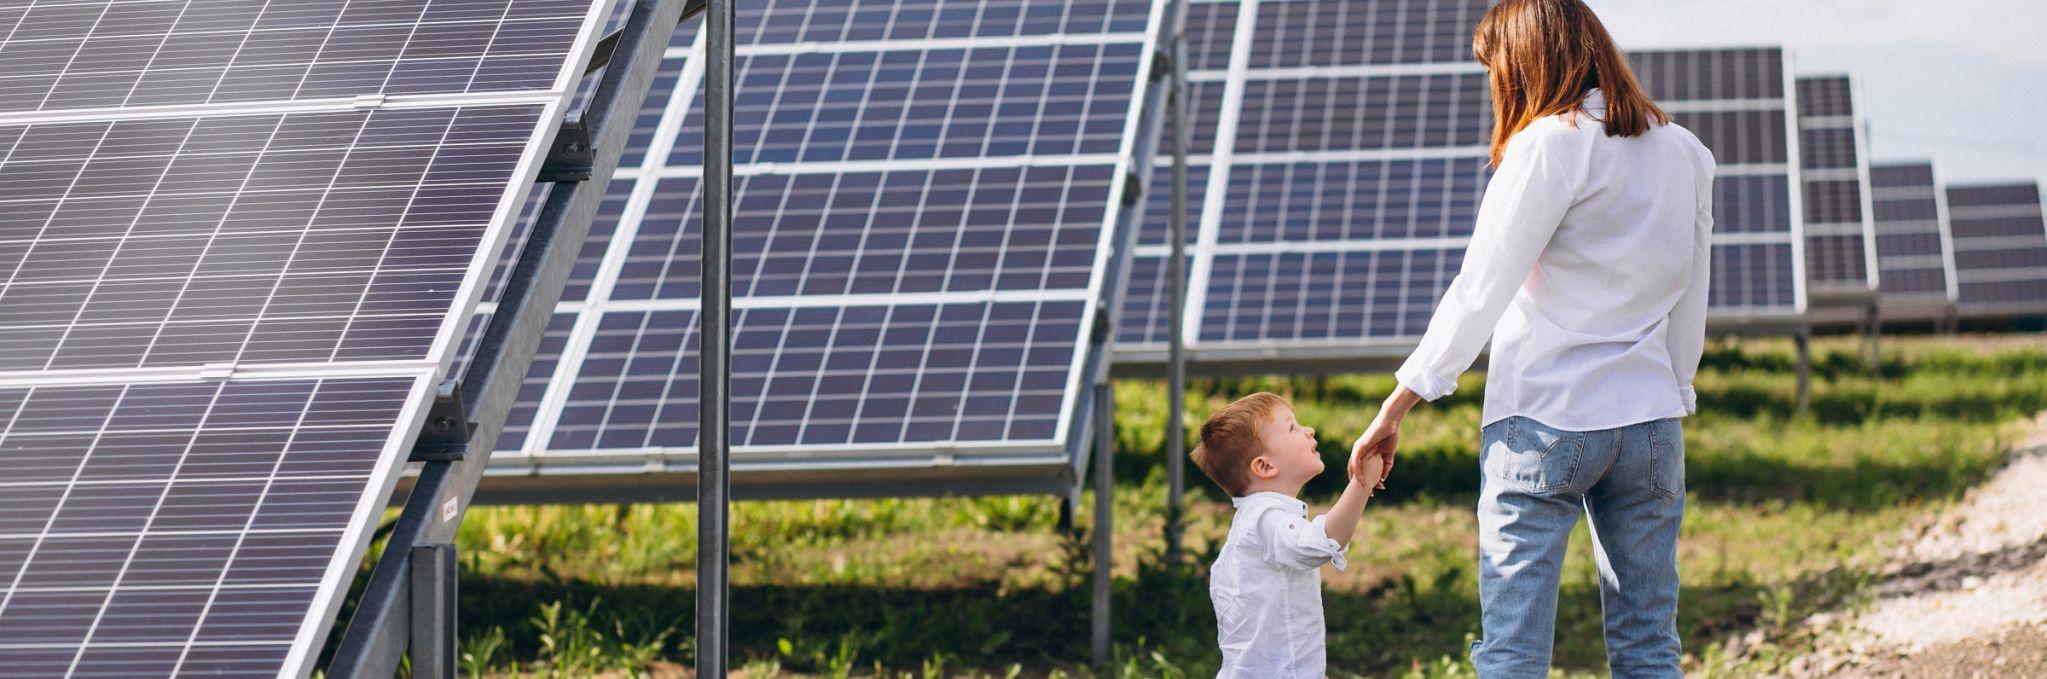 Prometheus Energy Solutions